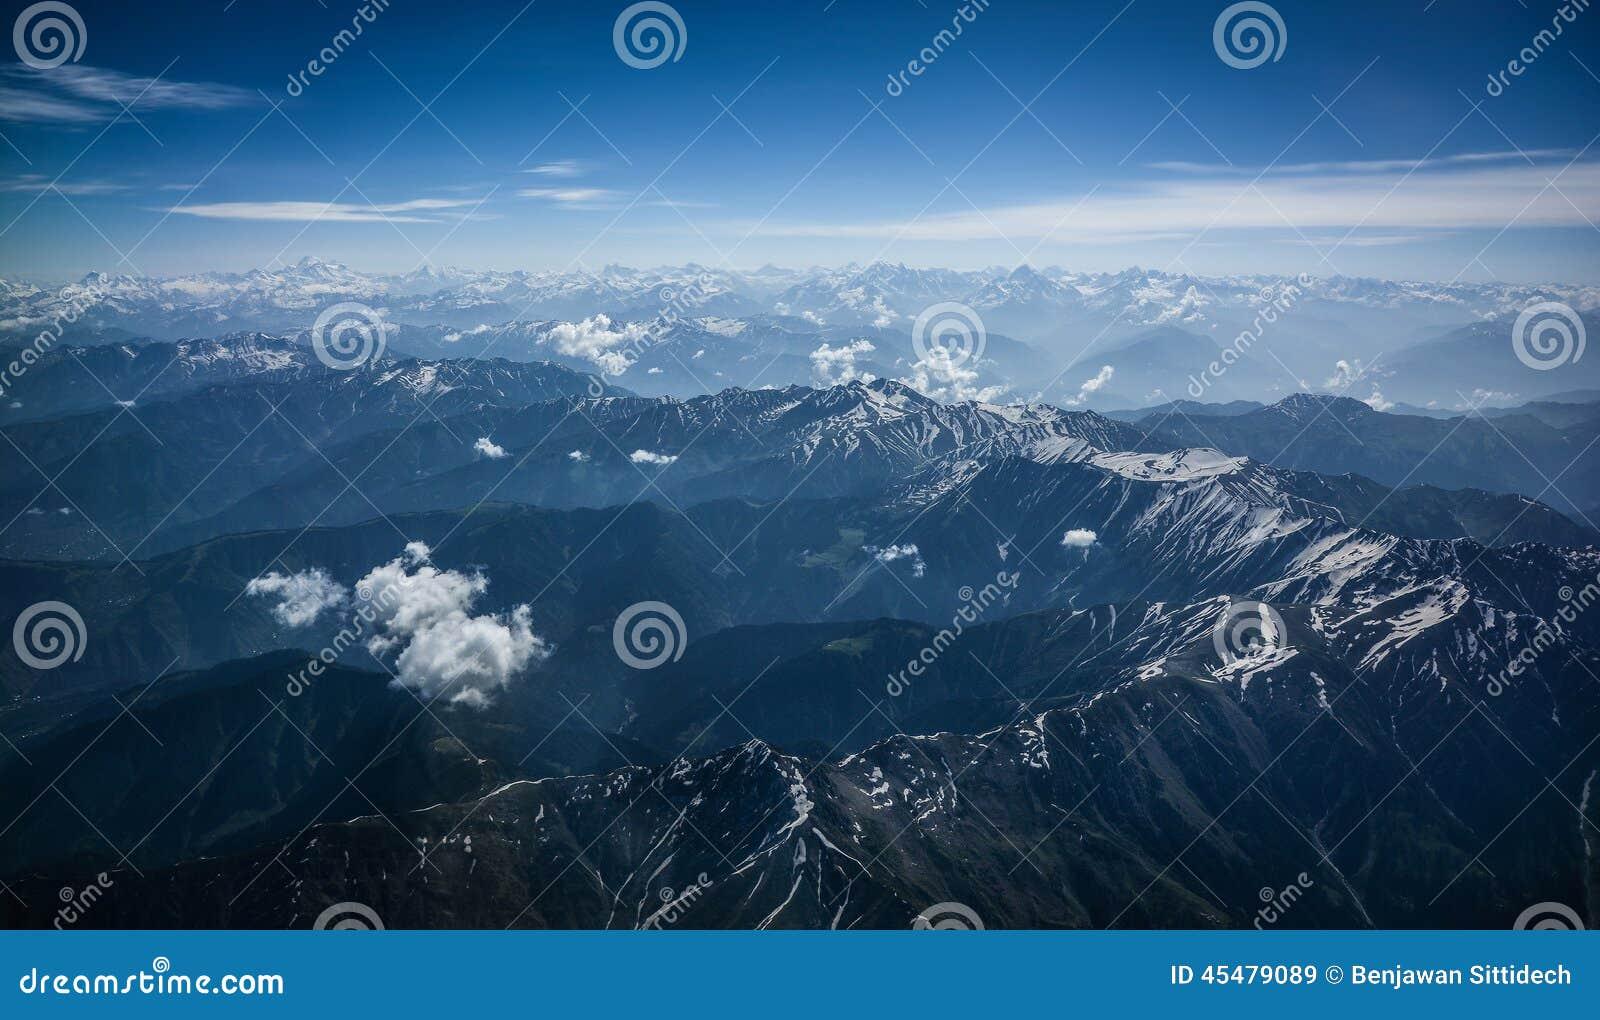 喜马拉雅山俯视图